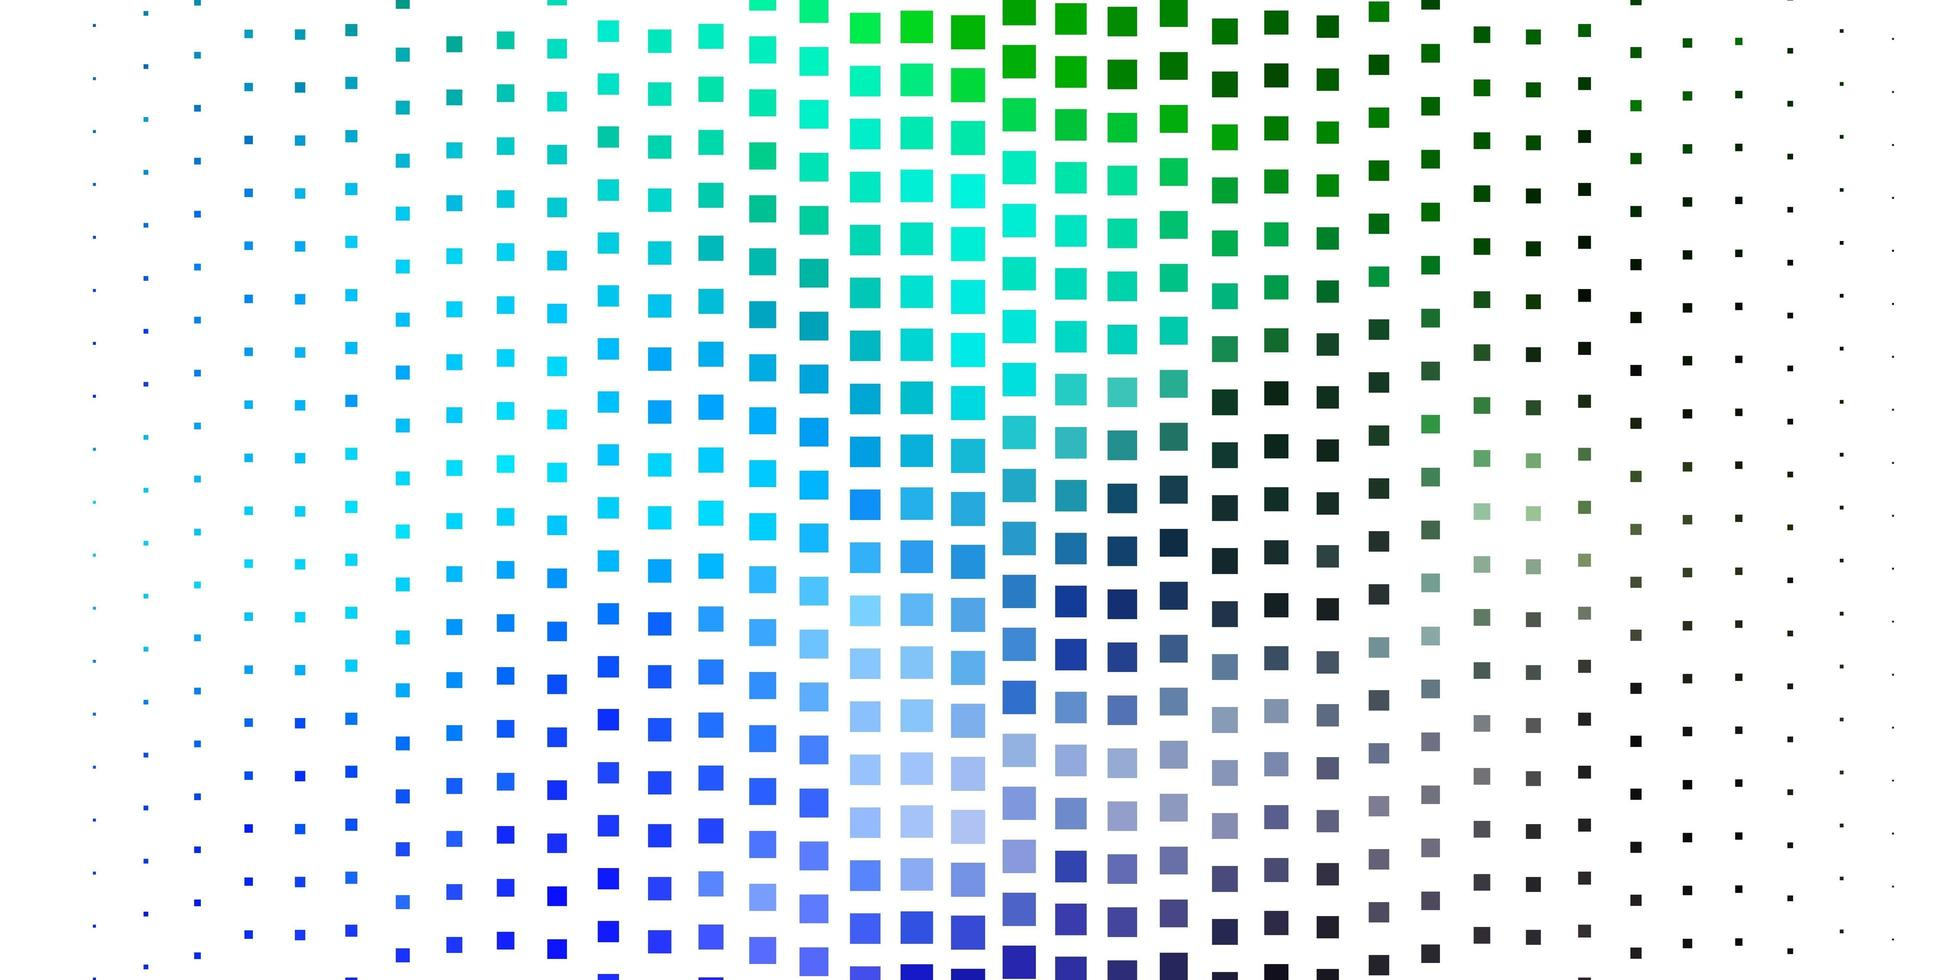 diseño de vector azul oscuro, verde con líneas, rectángulos.